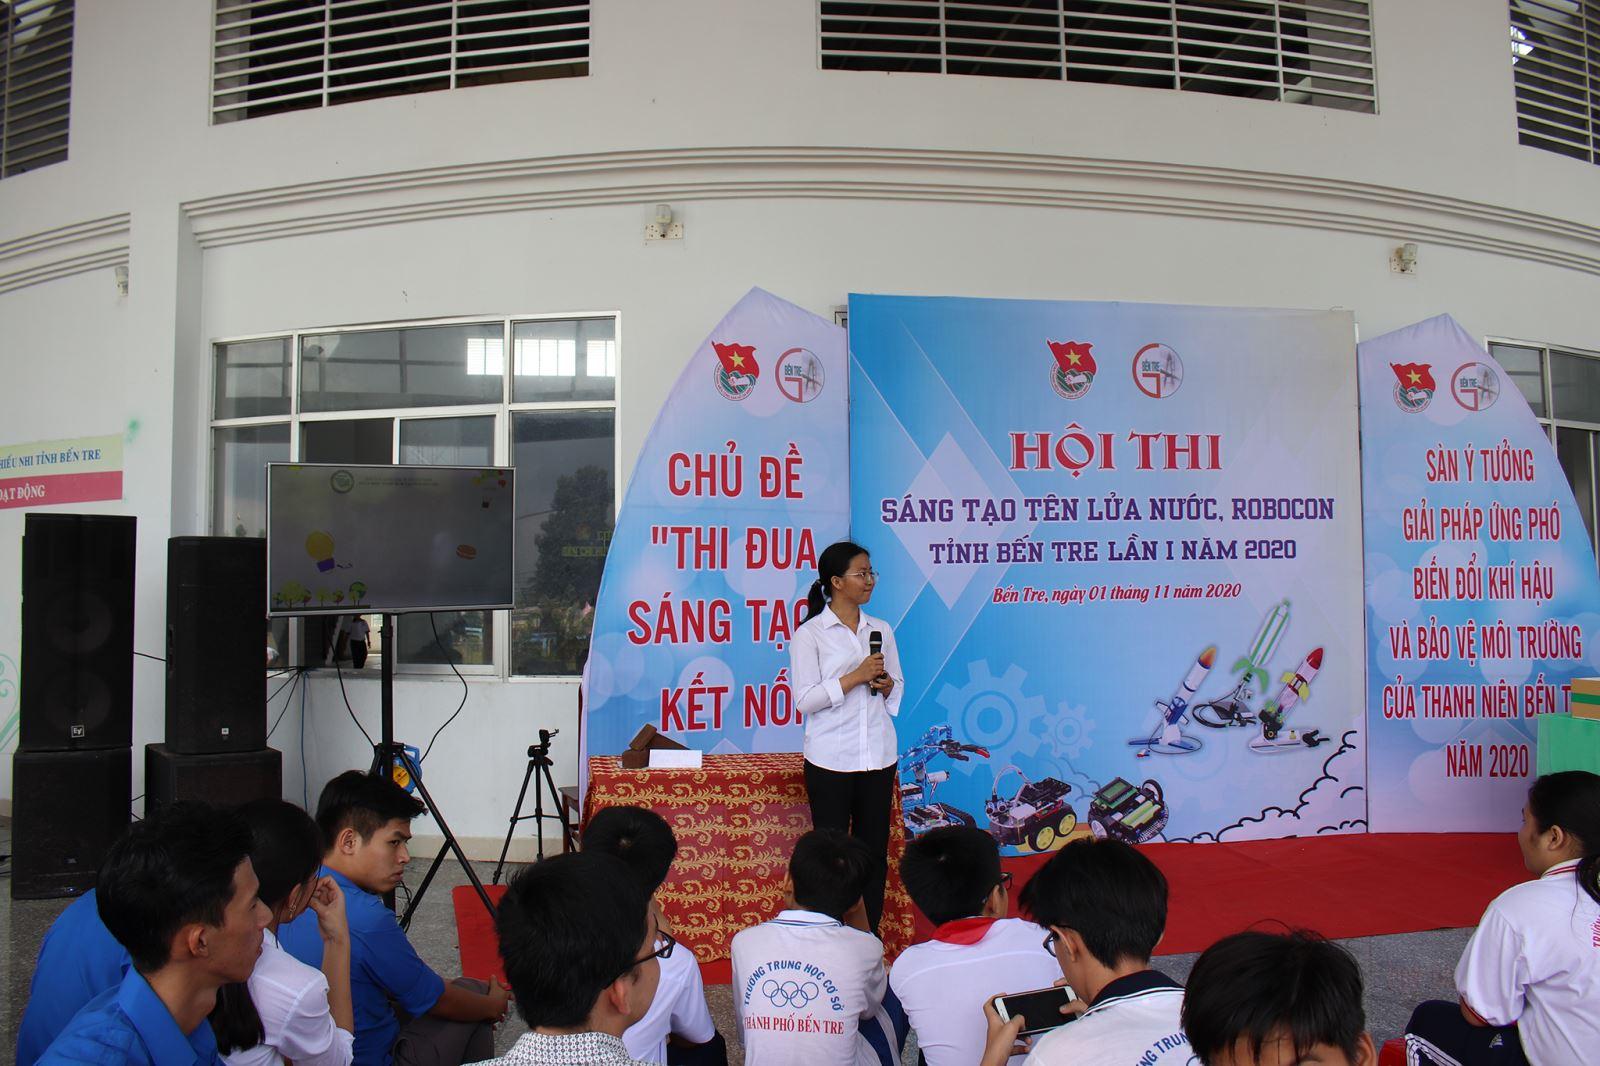 Sinh viên ngành Kỹ thuật xây dựng tham gia Hội thi và